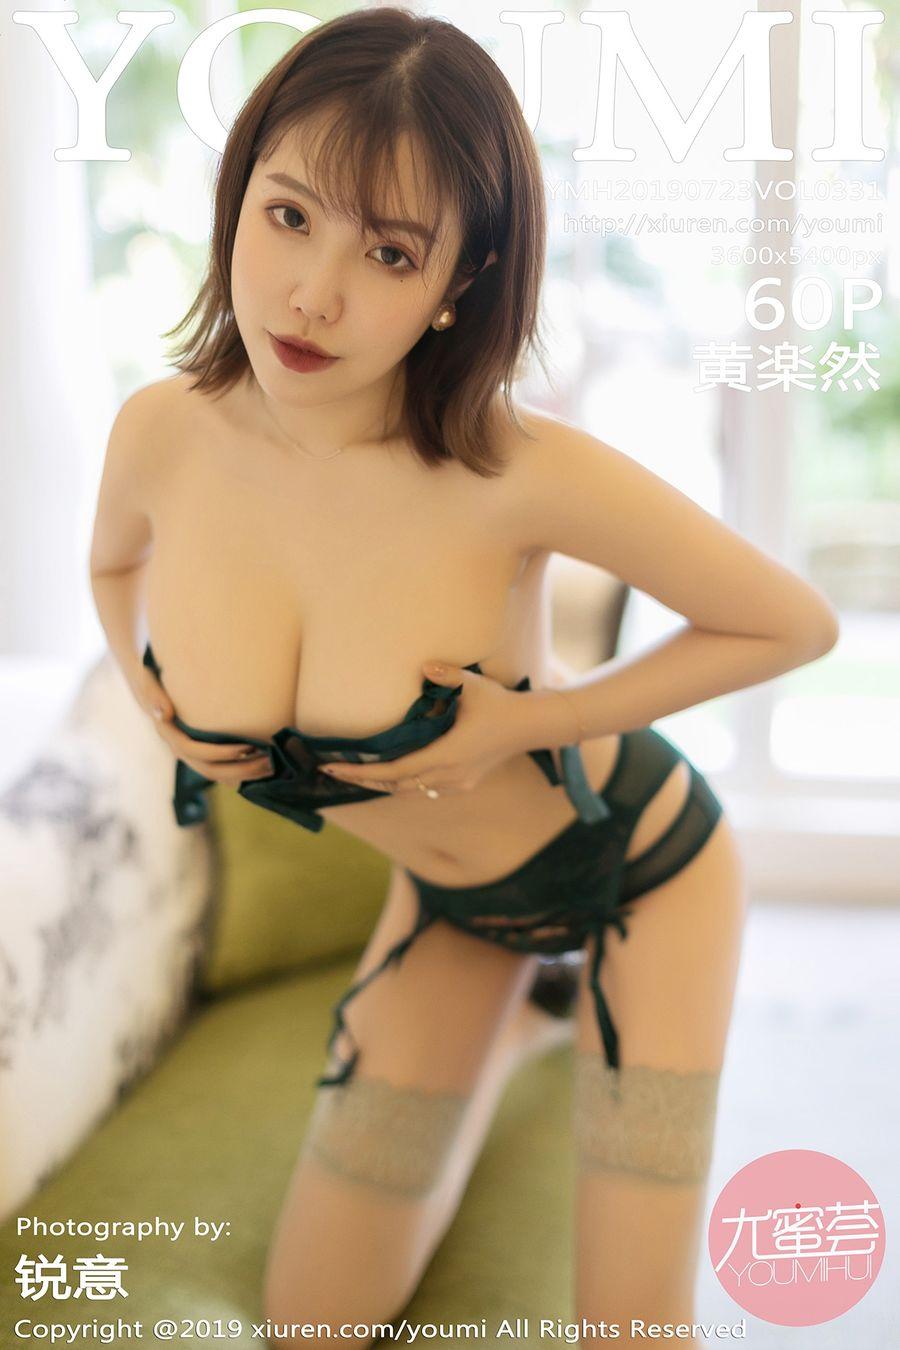 [YOUMI尤蜜荟] VOL.331 黄楽然 [60+1P/144M]